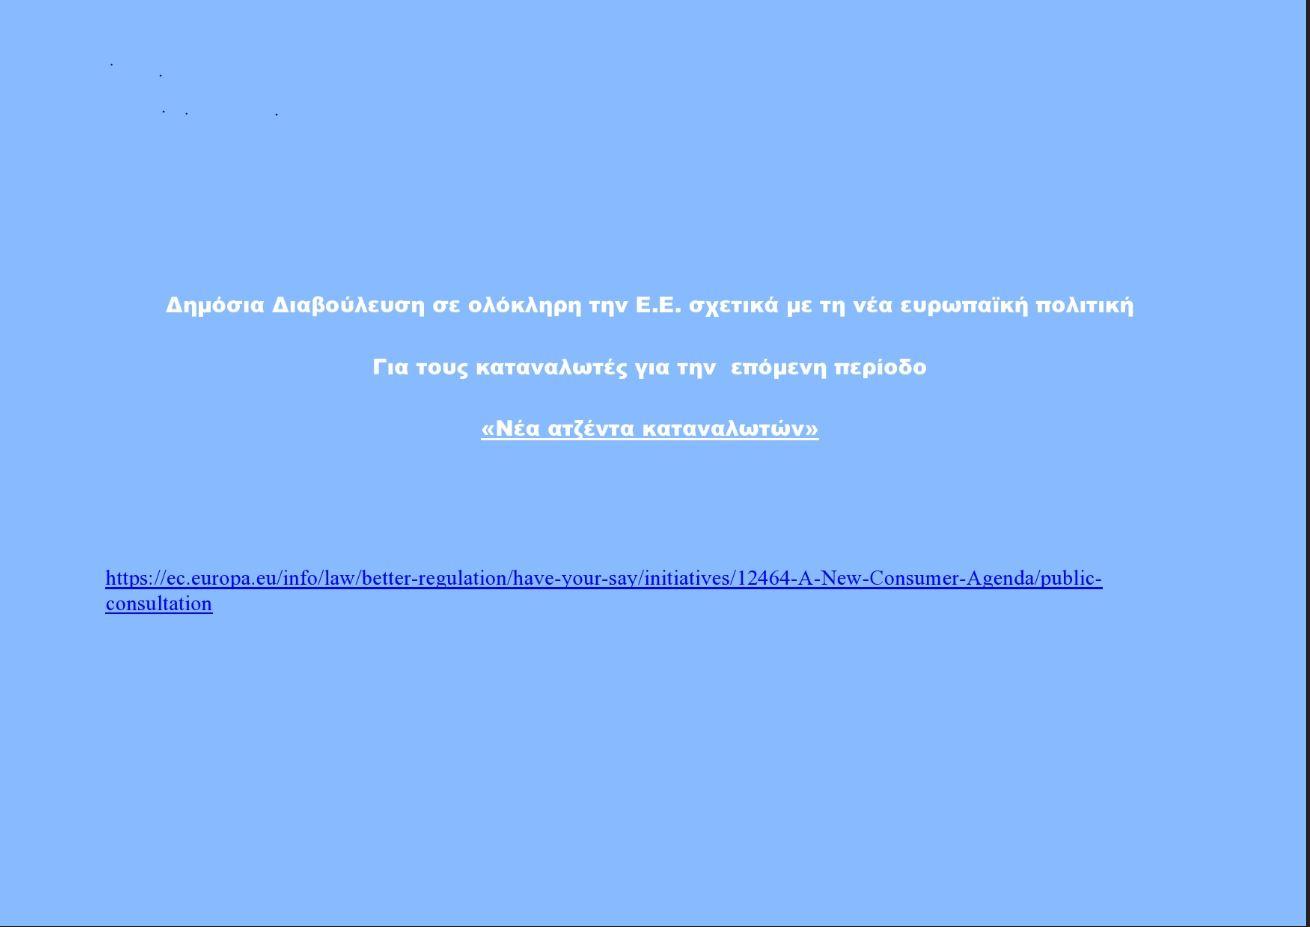 Δημόσια διαβούλευση σε ολόκληρη την ΕΕ σχετικά με τη νέα ευρωπαϊκή πολιτική για τους καταναλωτές για την επόμενη περίοδο  «Νέα ατζέντα καταναλωτών»